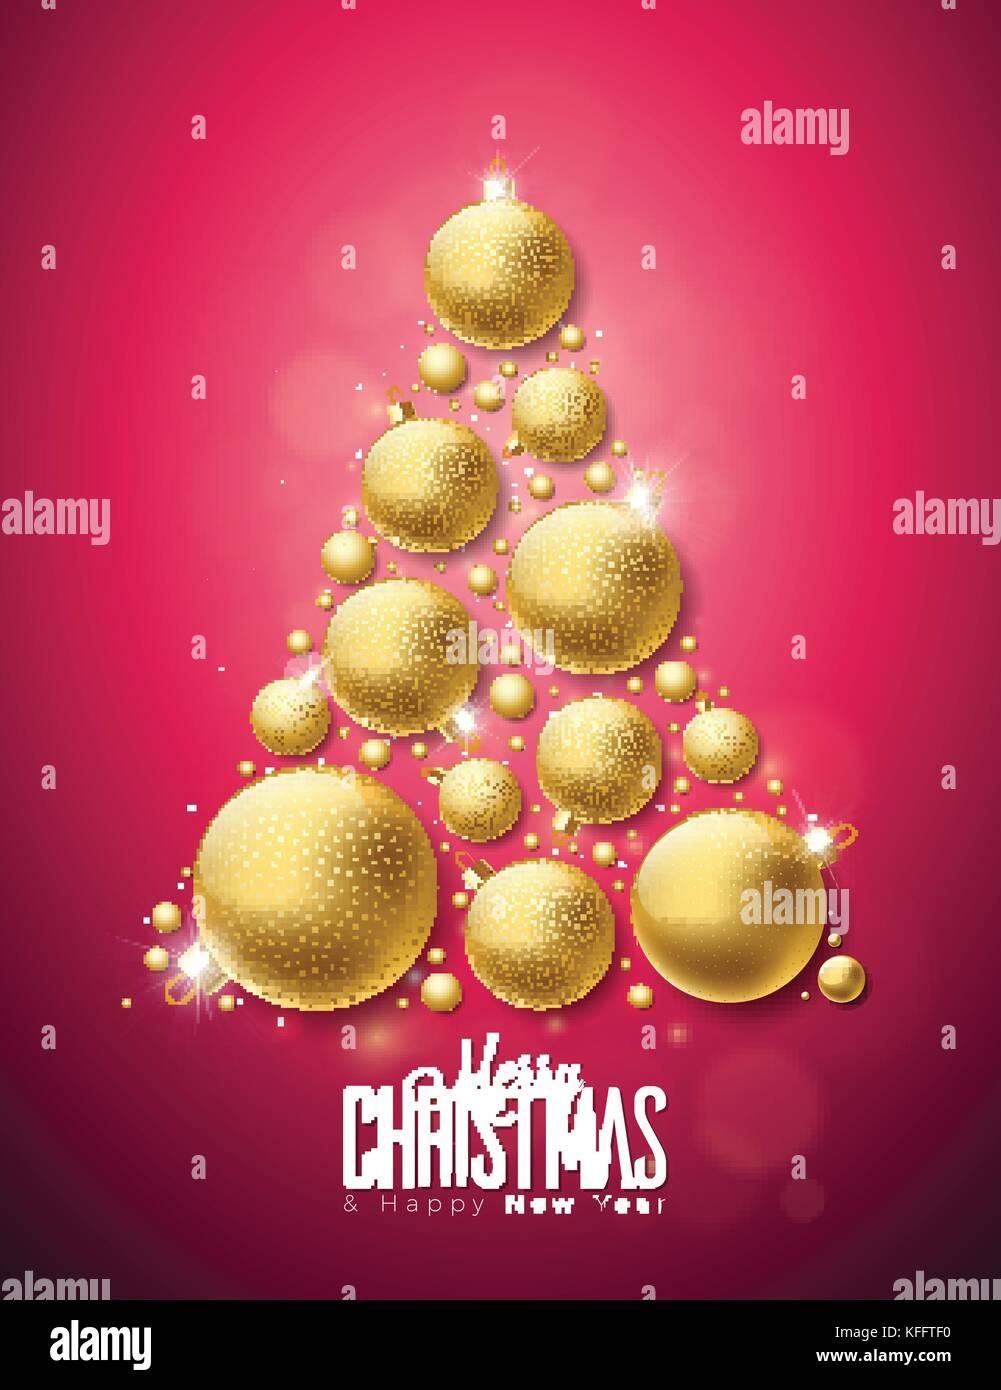 Vektor Frohe Weihnachten und guten Rutsch ins neue Jahr Abbildung ...